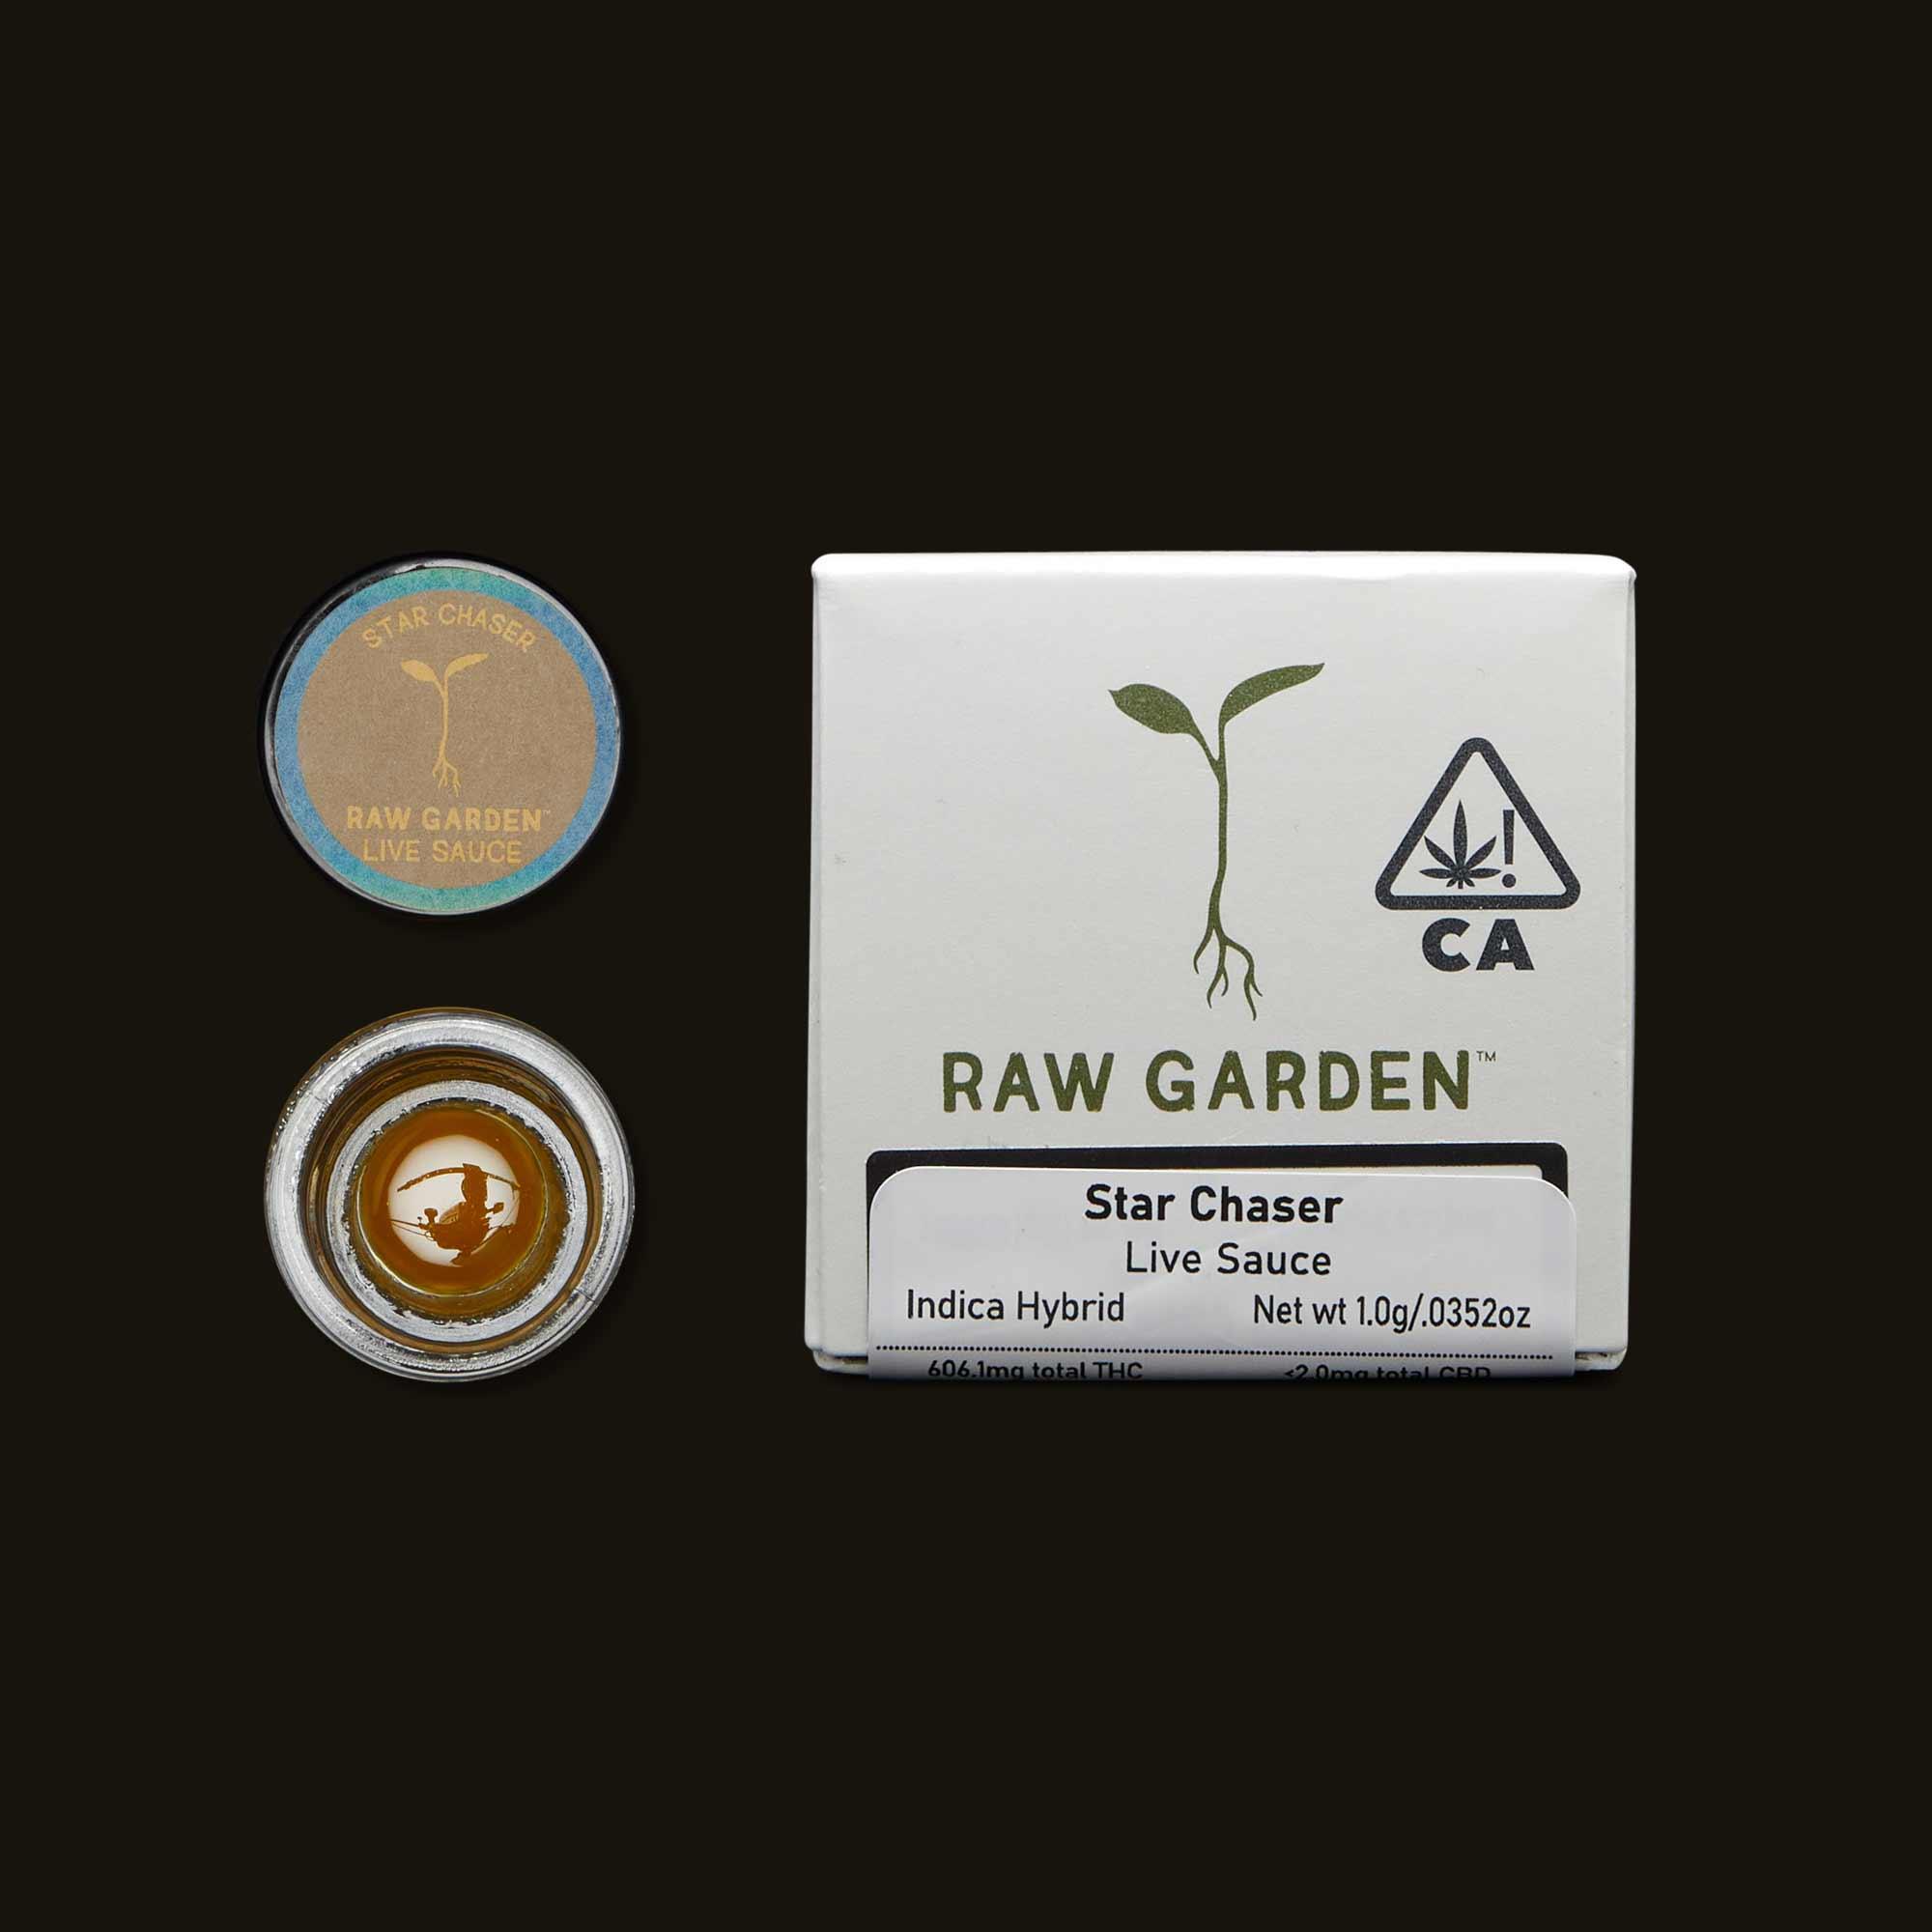 Raw Garden Star Chaser Live Sauce